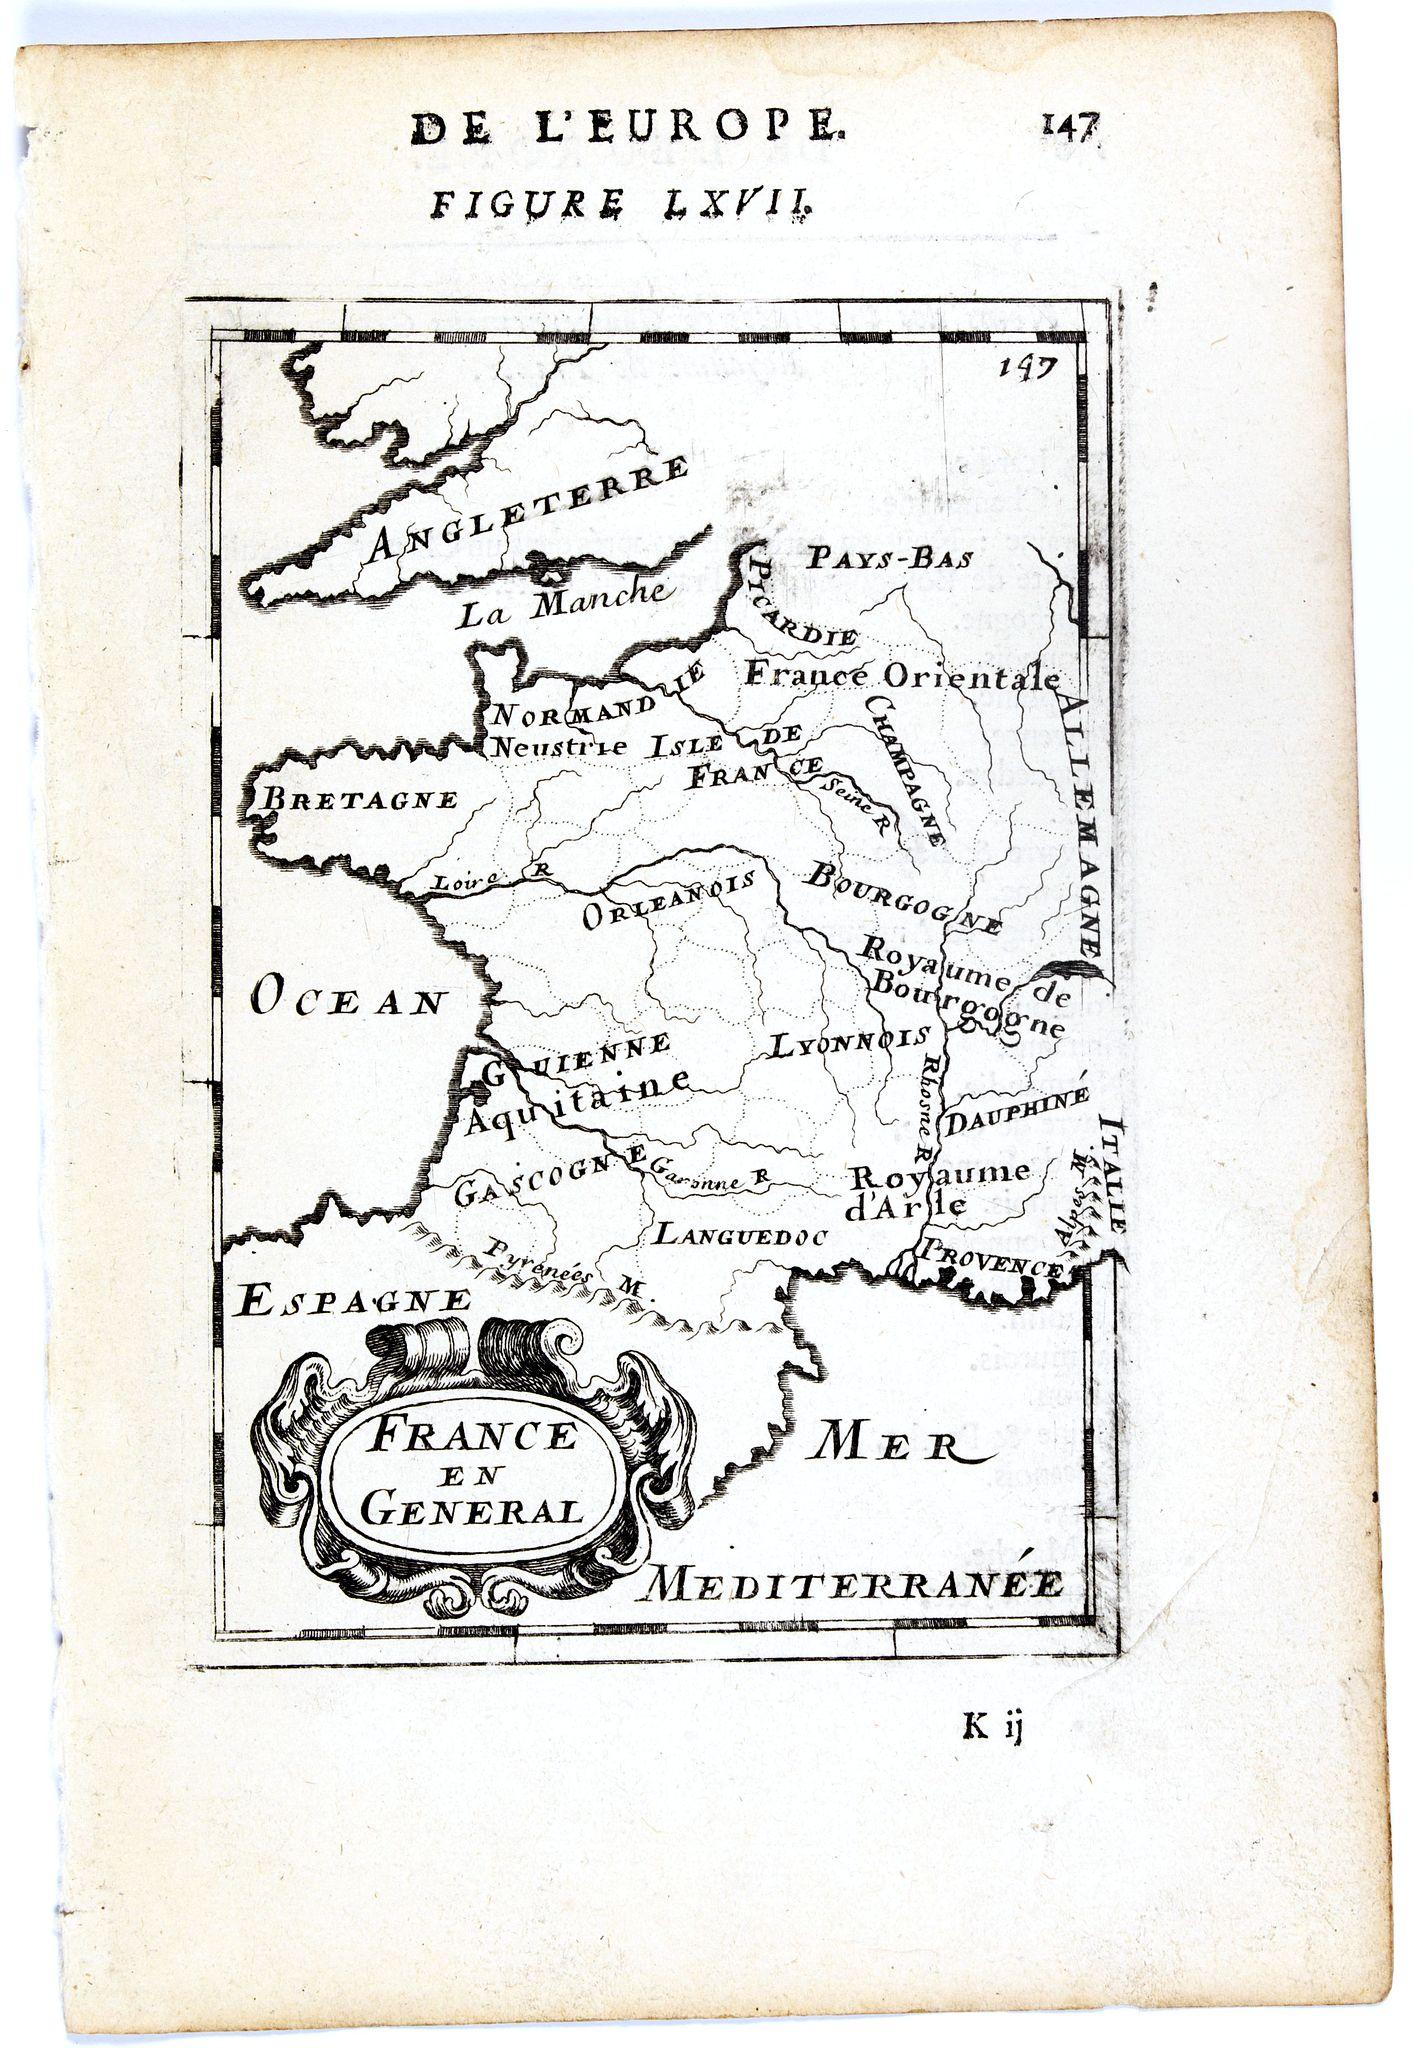 MALLET, A.M. -  France en general. [de l'Europe / Figure LXVII] 147